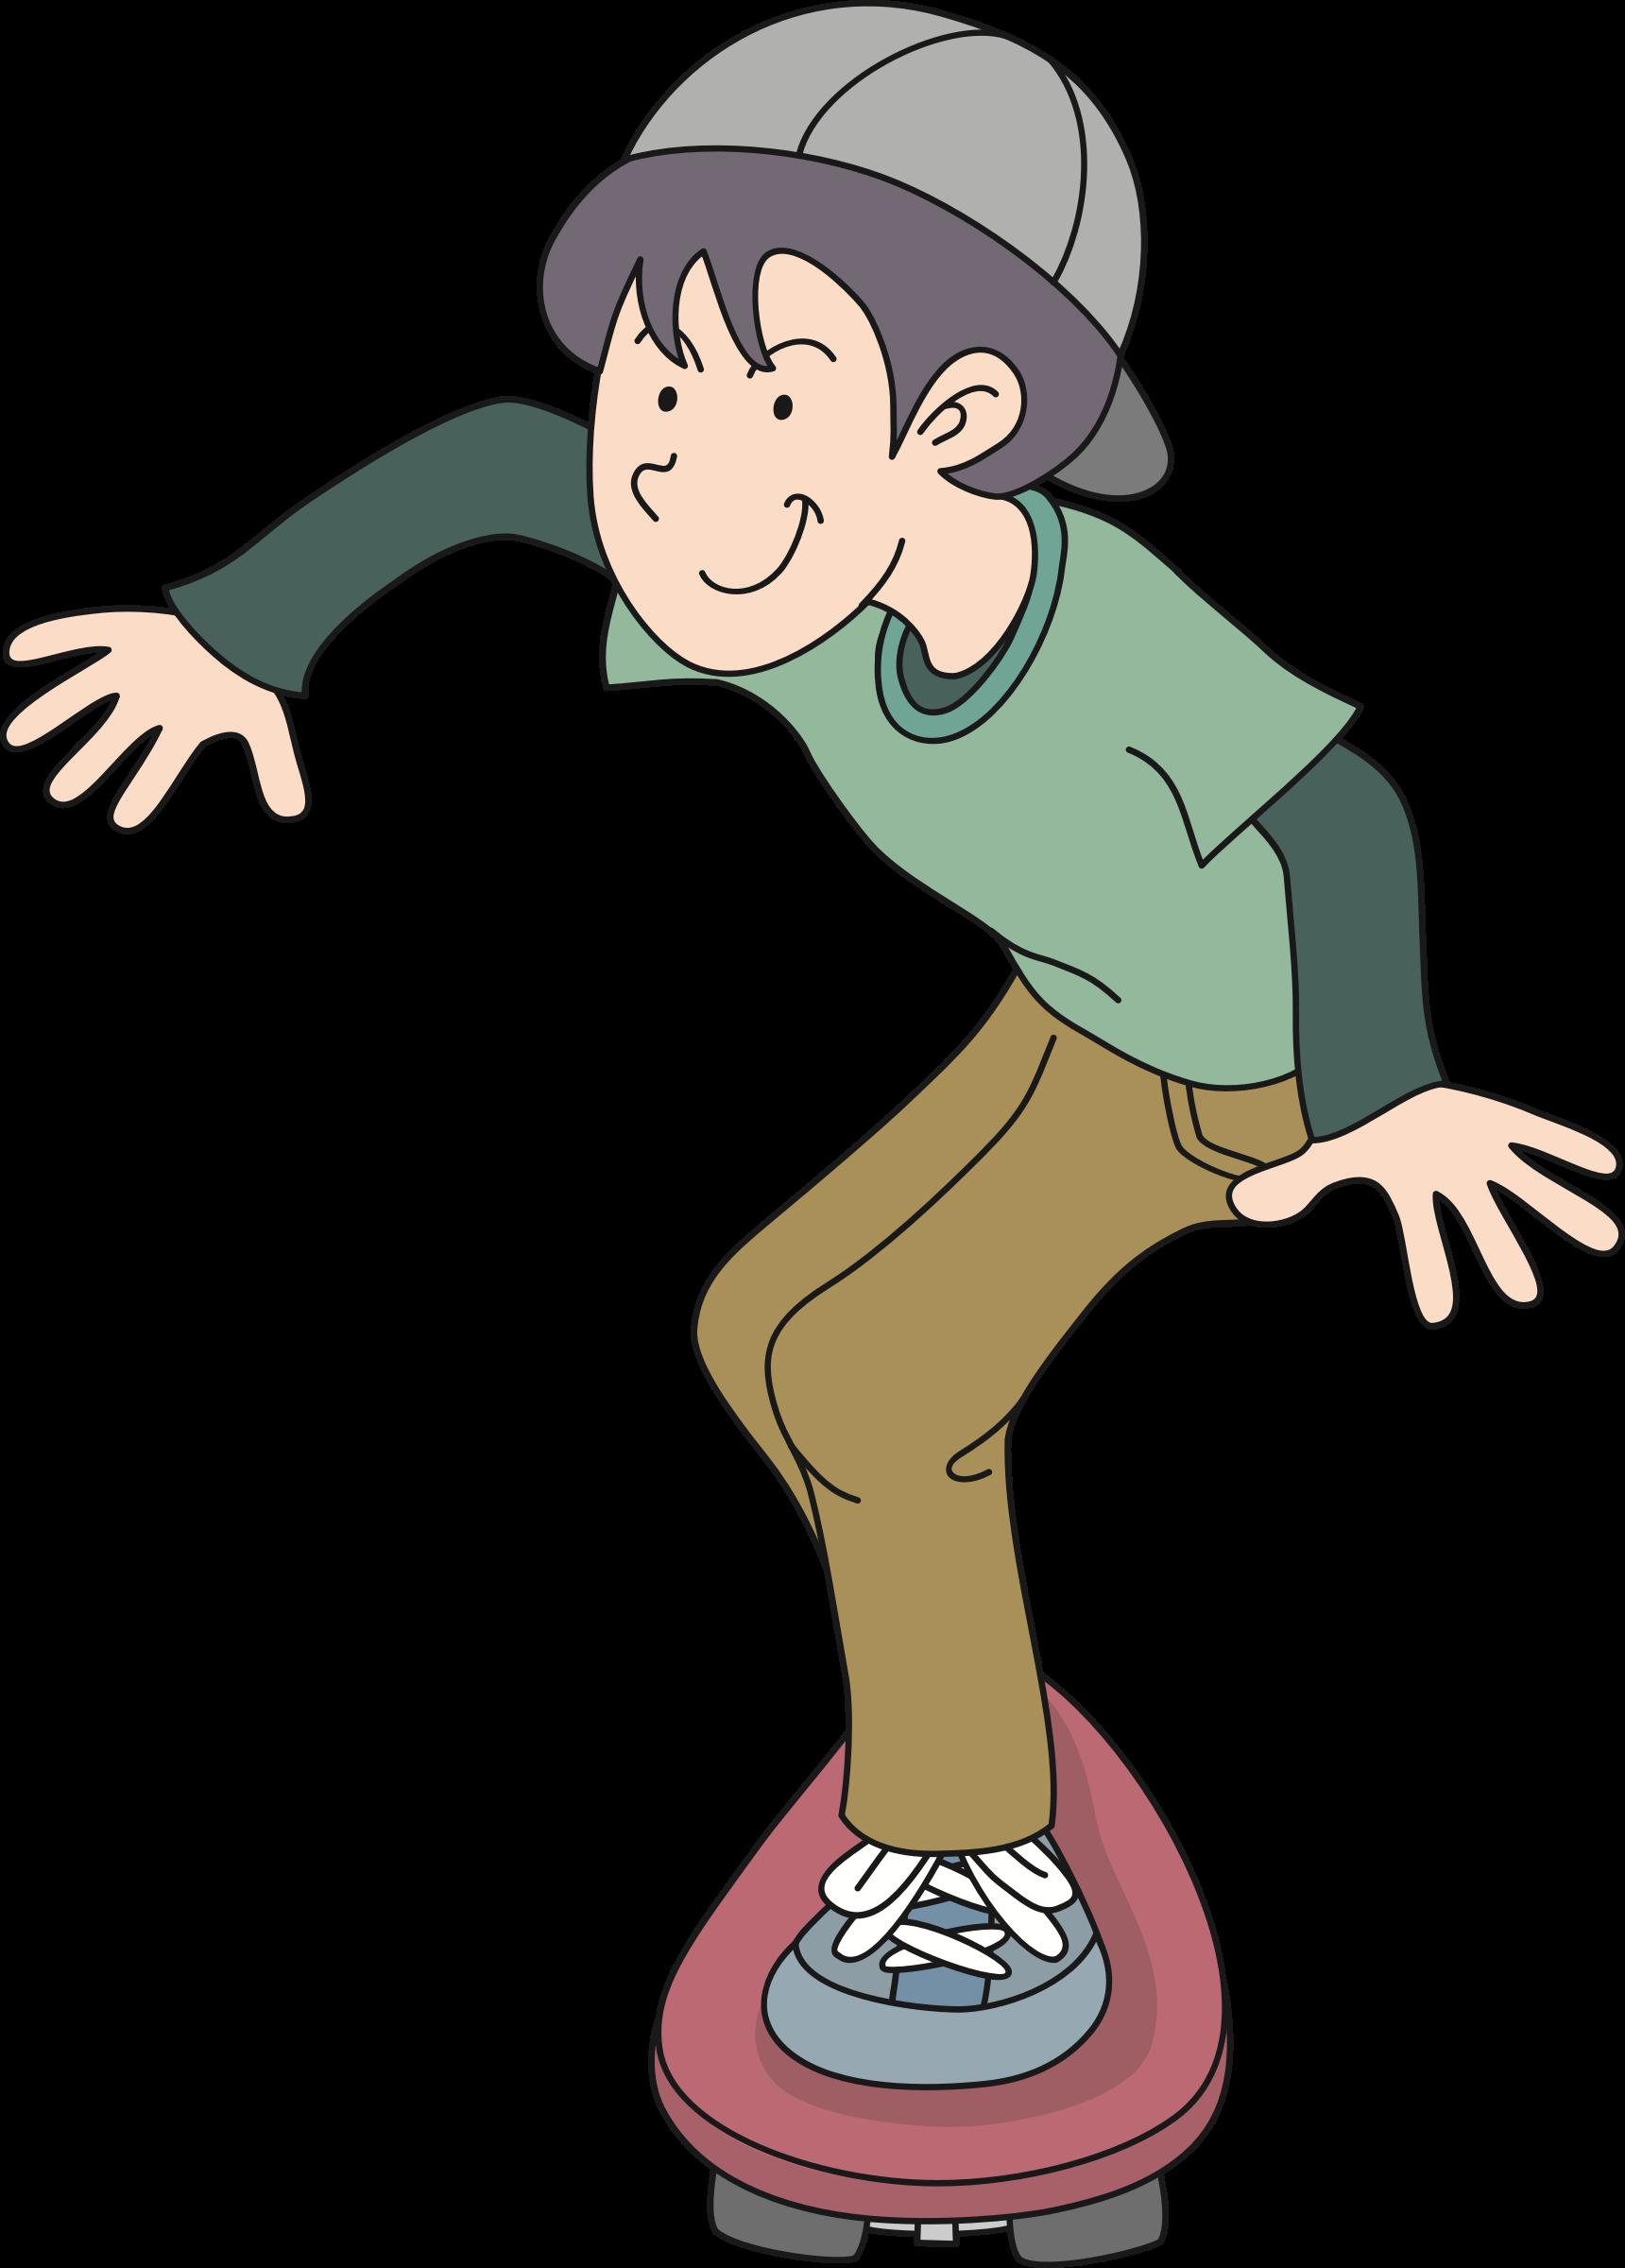 Clipart boy skateboard. Skateboarder big image png